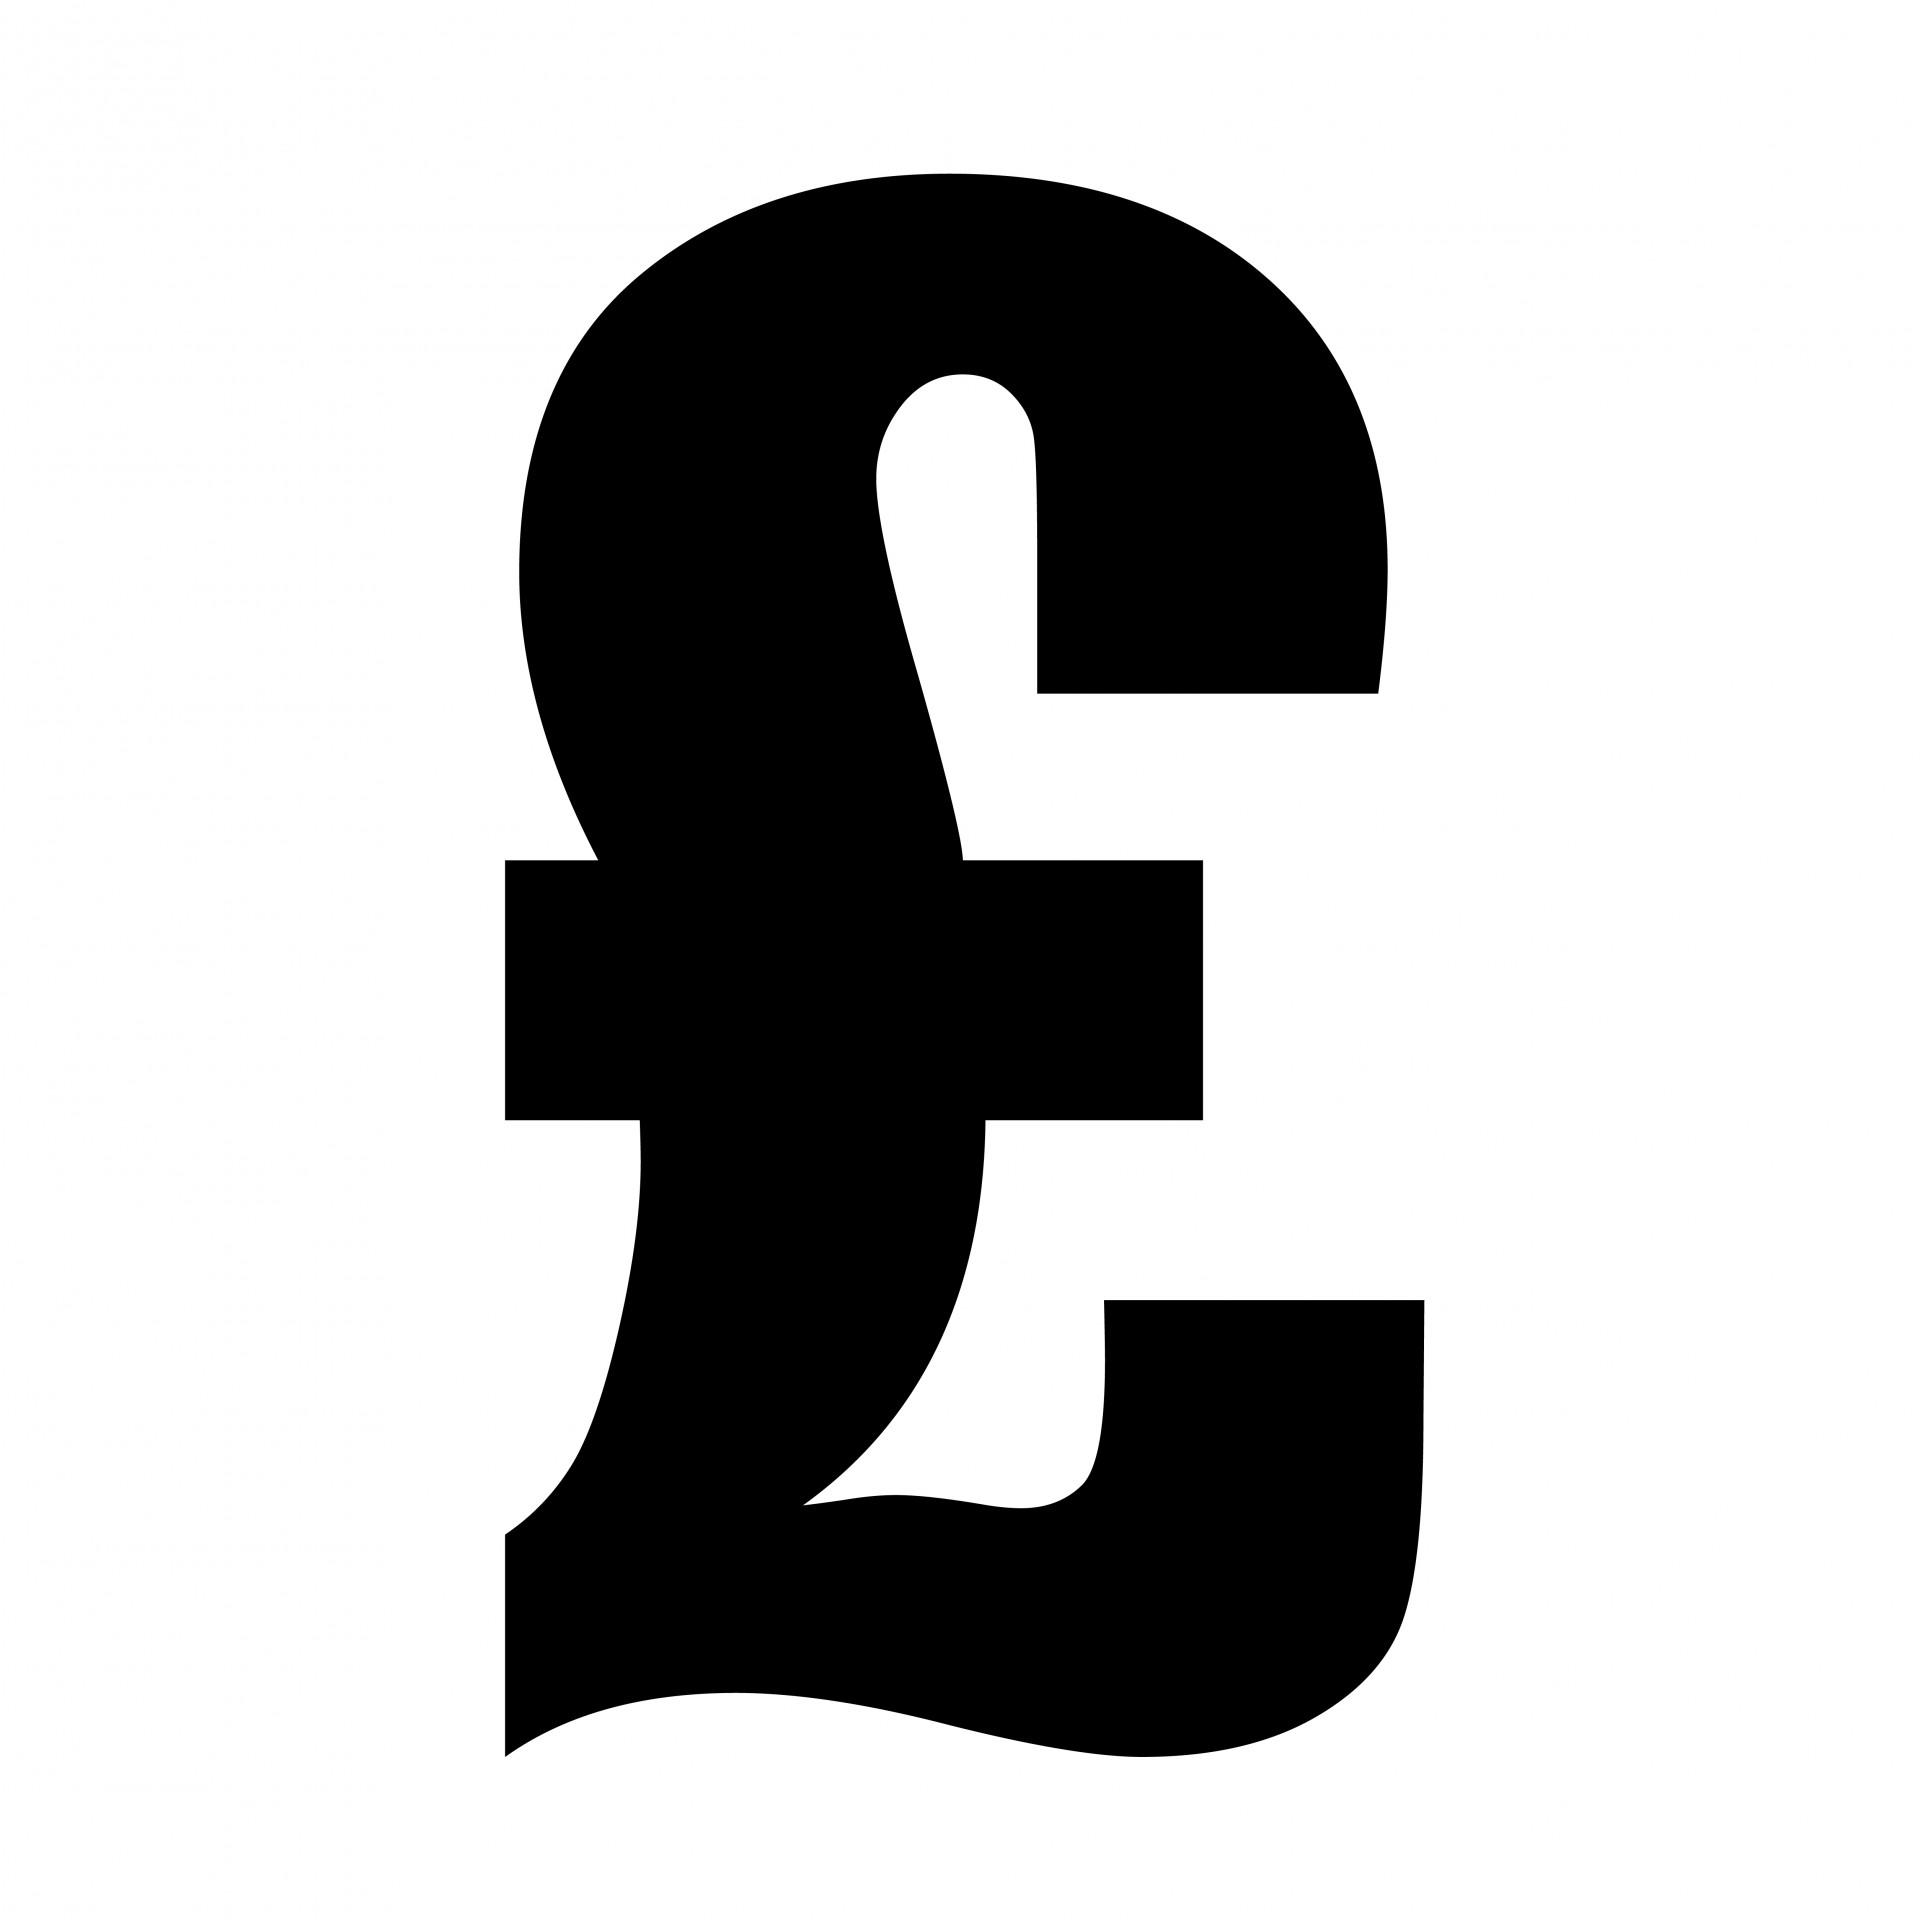 Pound Logos